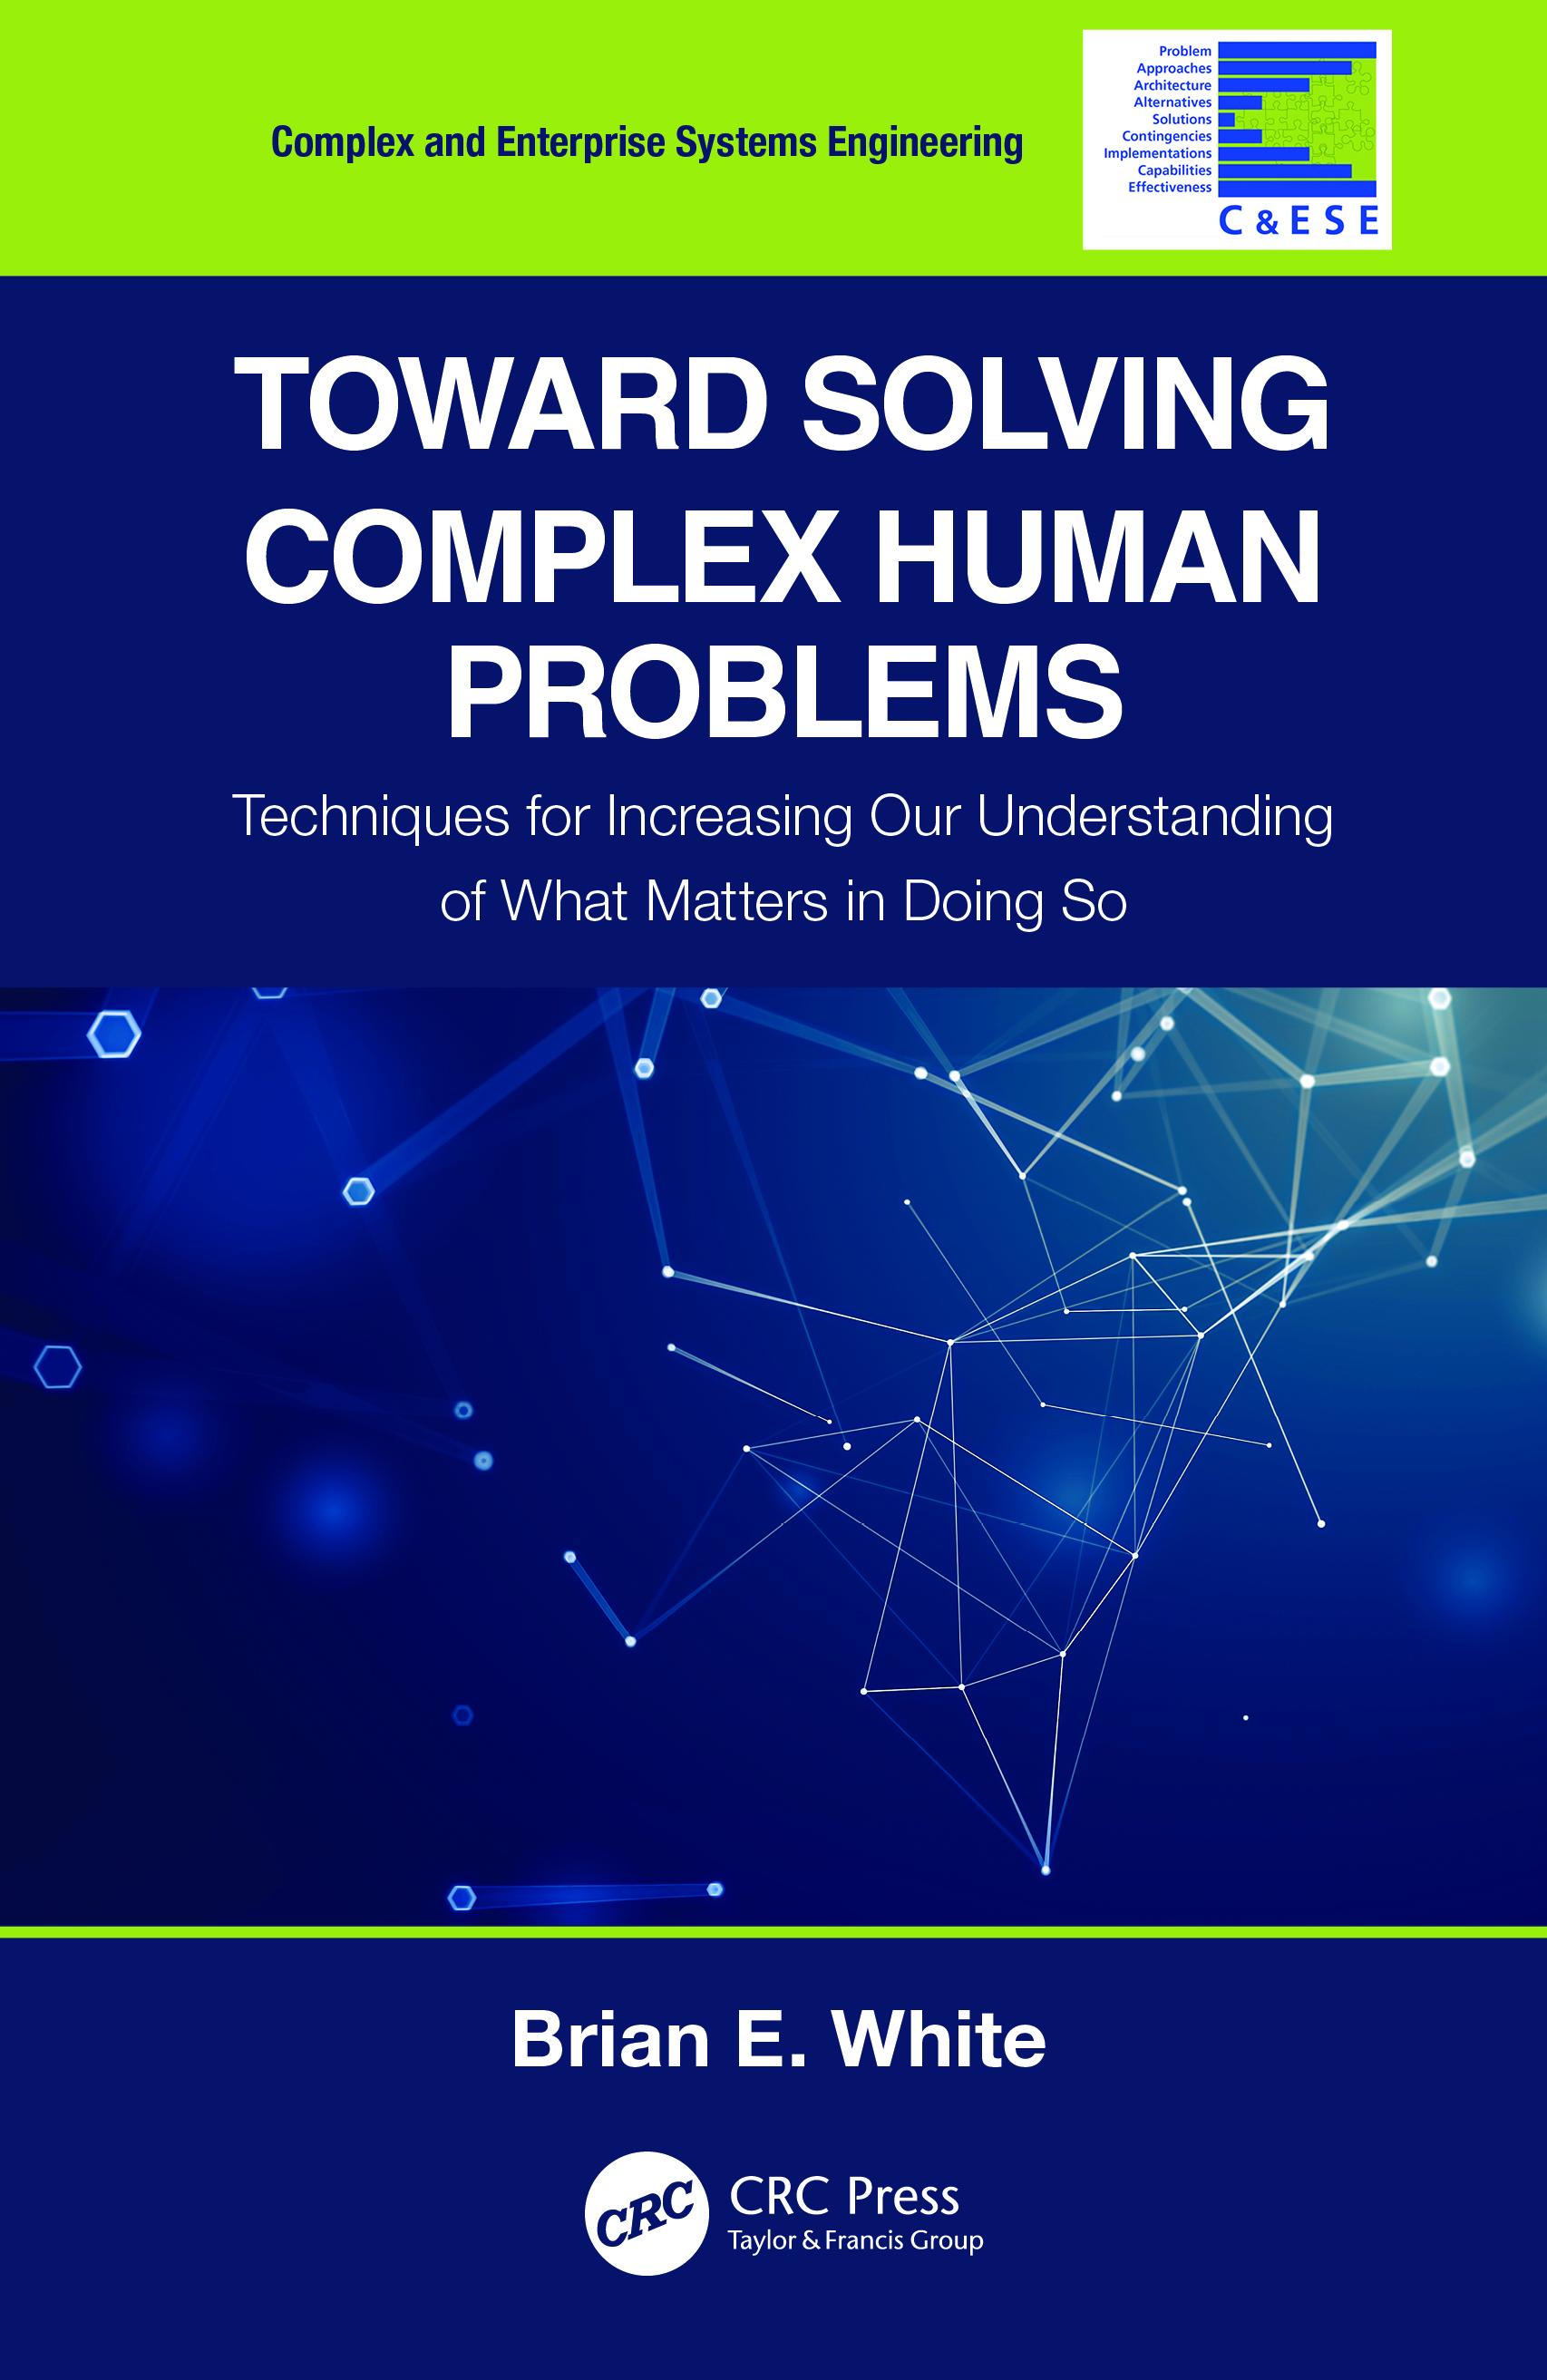 Toward Solving Complex Human Problems